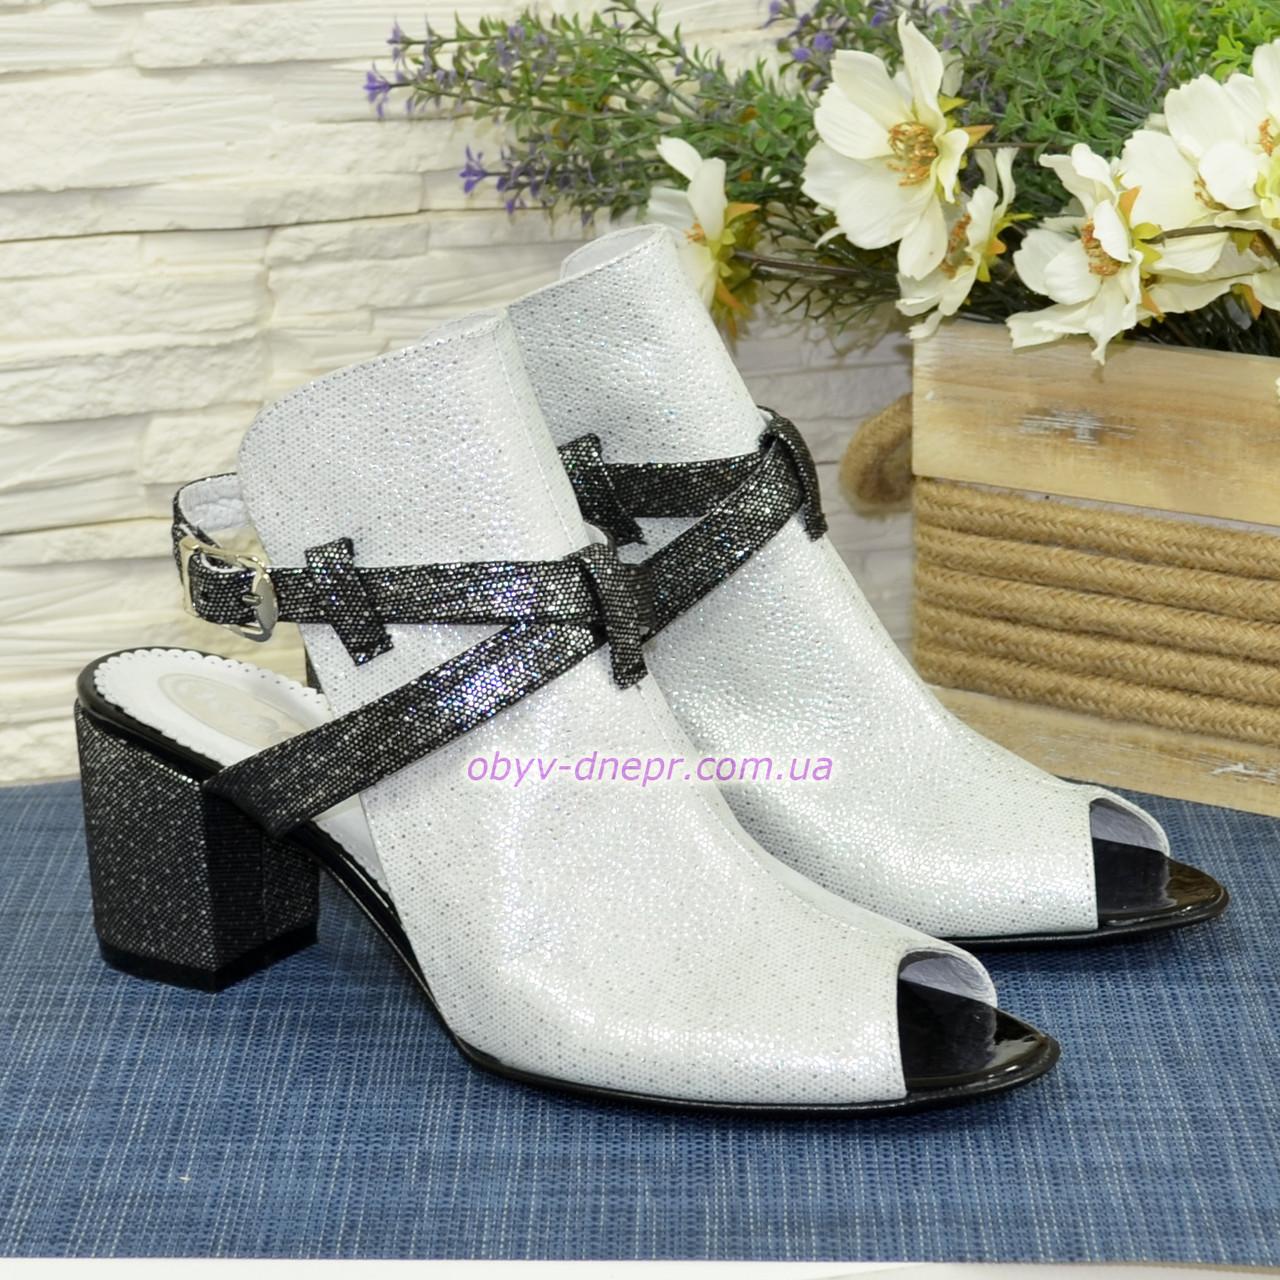 Босоножки женские на устойчивом каблуке, цвет белый/черный, фото 1